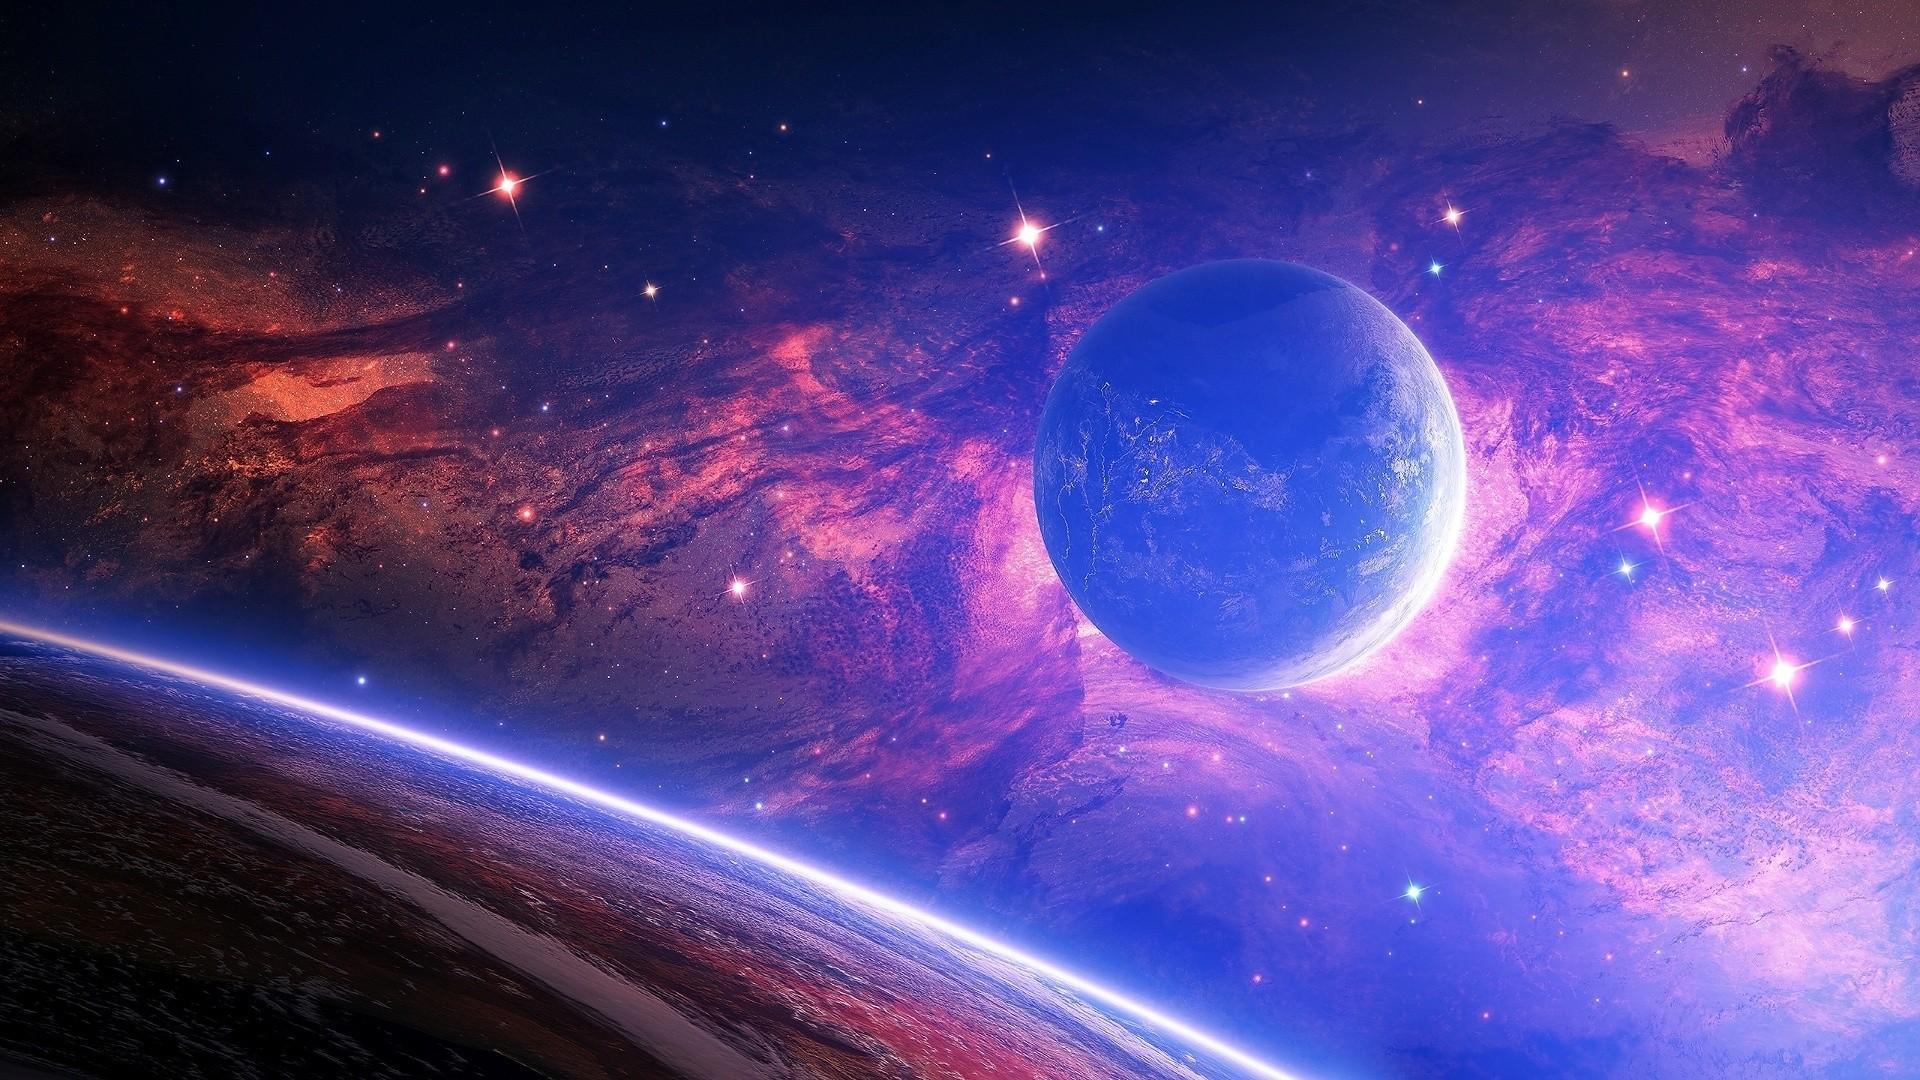 ядрине космос фото в хорошем качестве картинка